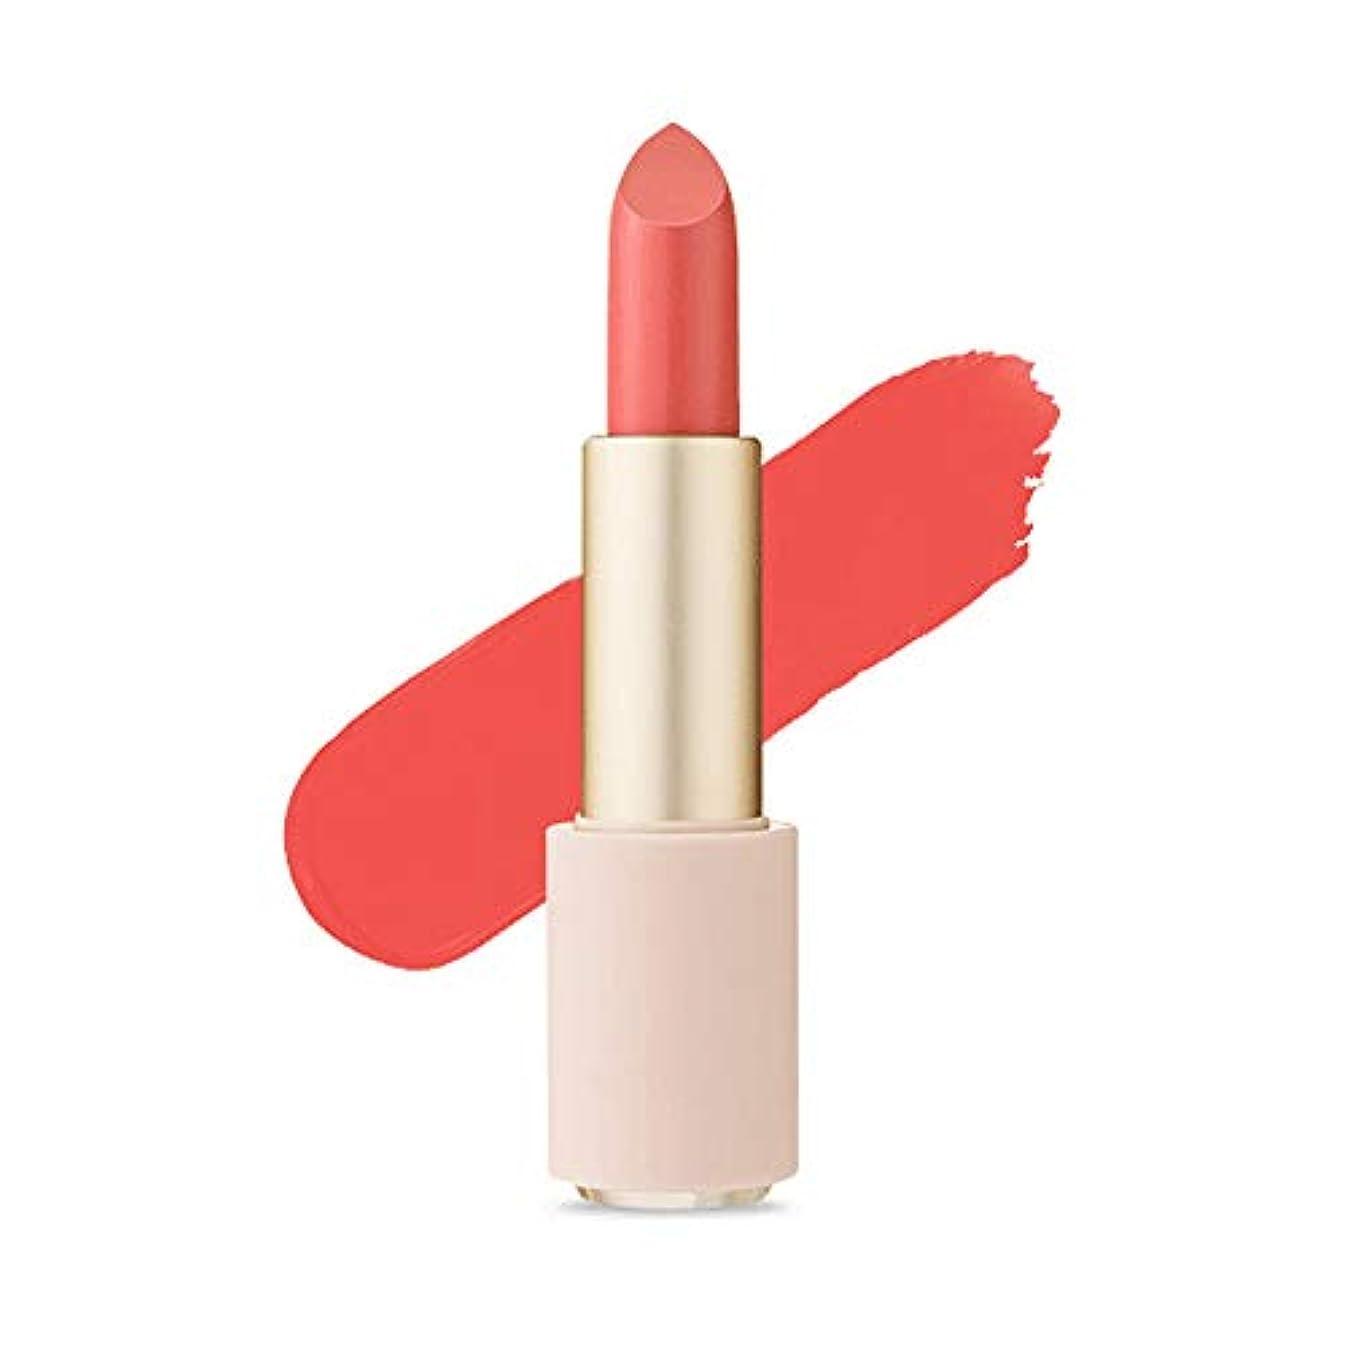 アーネストシャクルトン間違いなく脱臼するEtude House Better Lips Talk Velvet エチュードハウス ベター リップス - トーク ベルベット (# OR204 Pink Muhly) [並行輸入品]